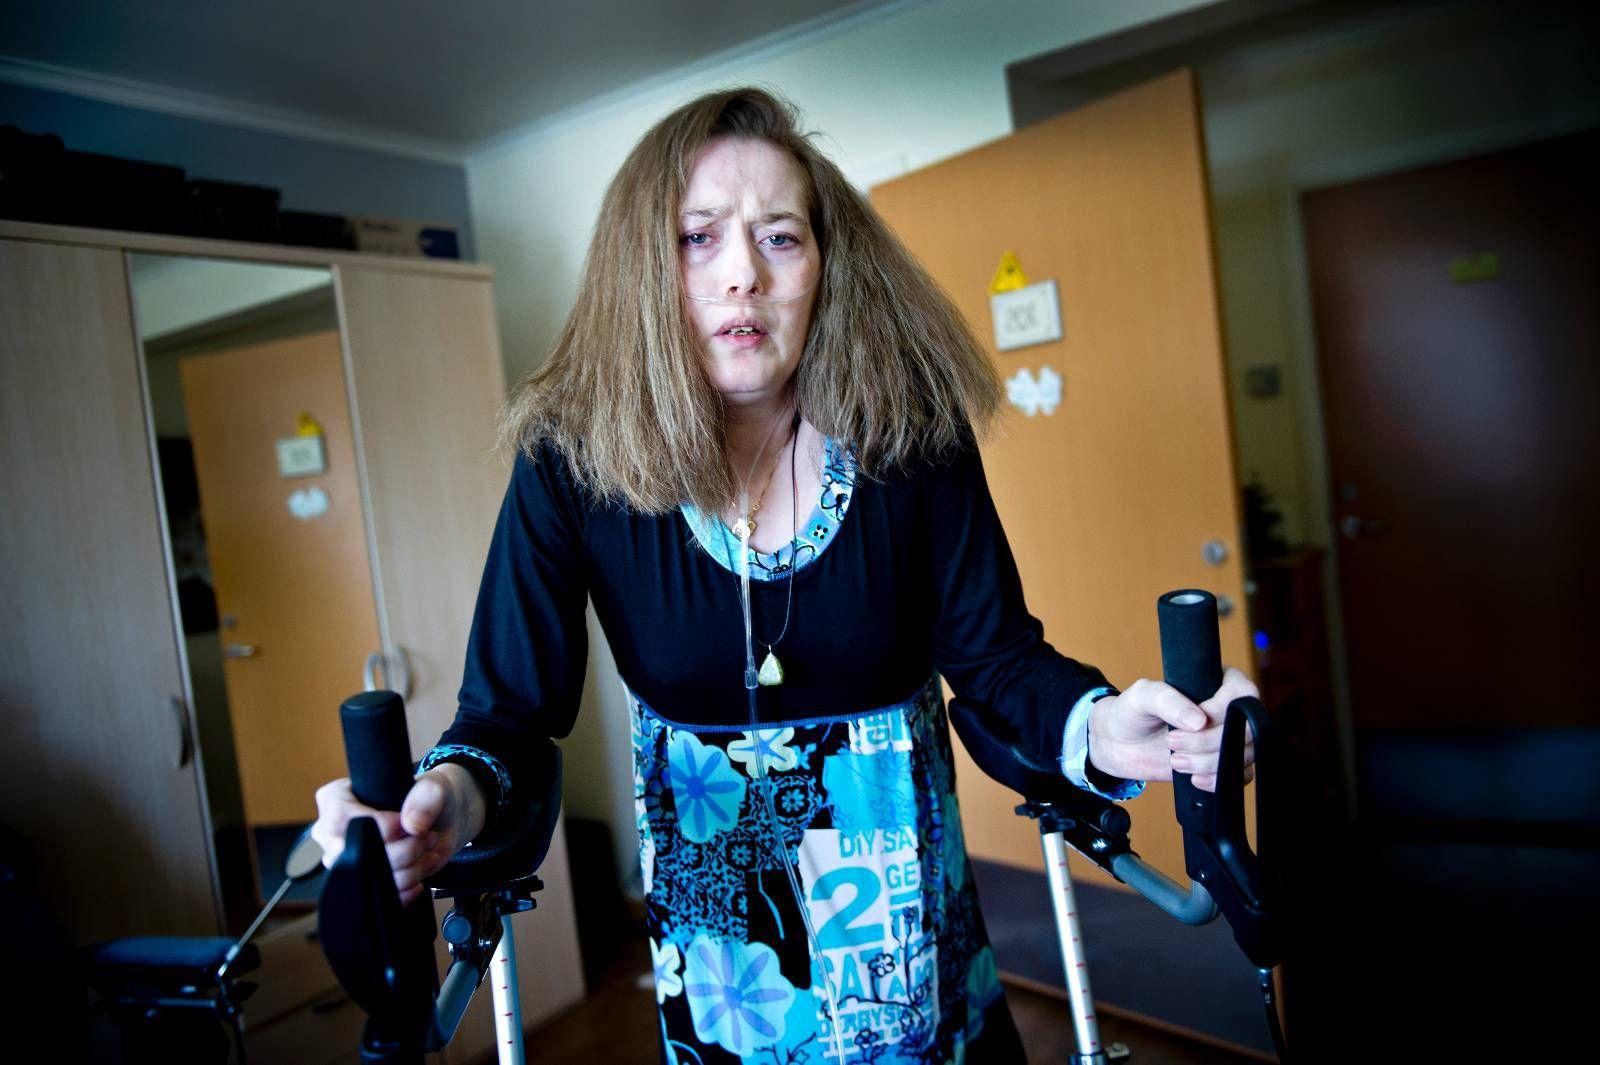 TAPTE KAMPEN: Siv Tove Pedersen fikk aldri stå i kø for lungetransplantasjon. Torsdag valgte hun å avslutte livet ved en klinikk i Sveits. FOTO: HÅVARD BJELLAND